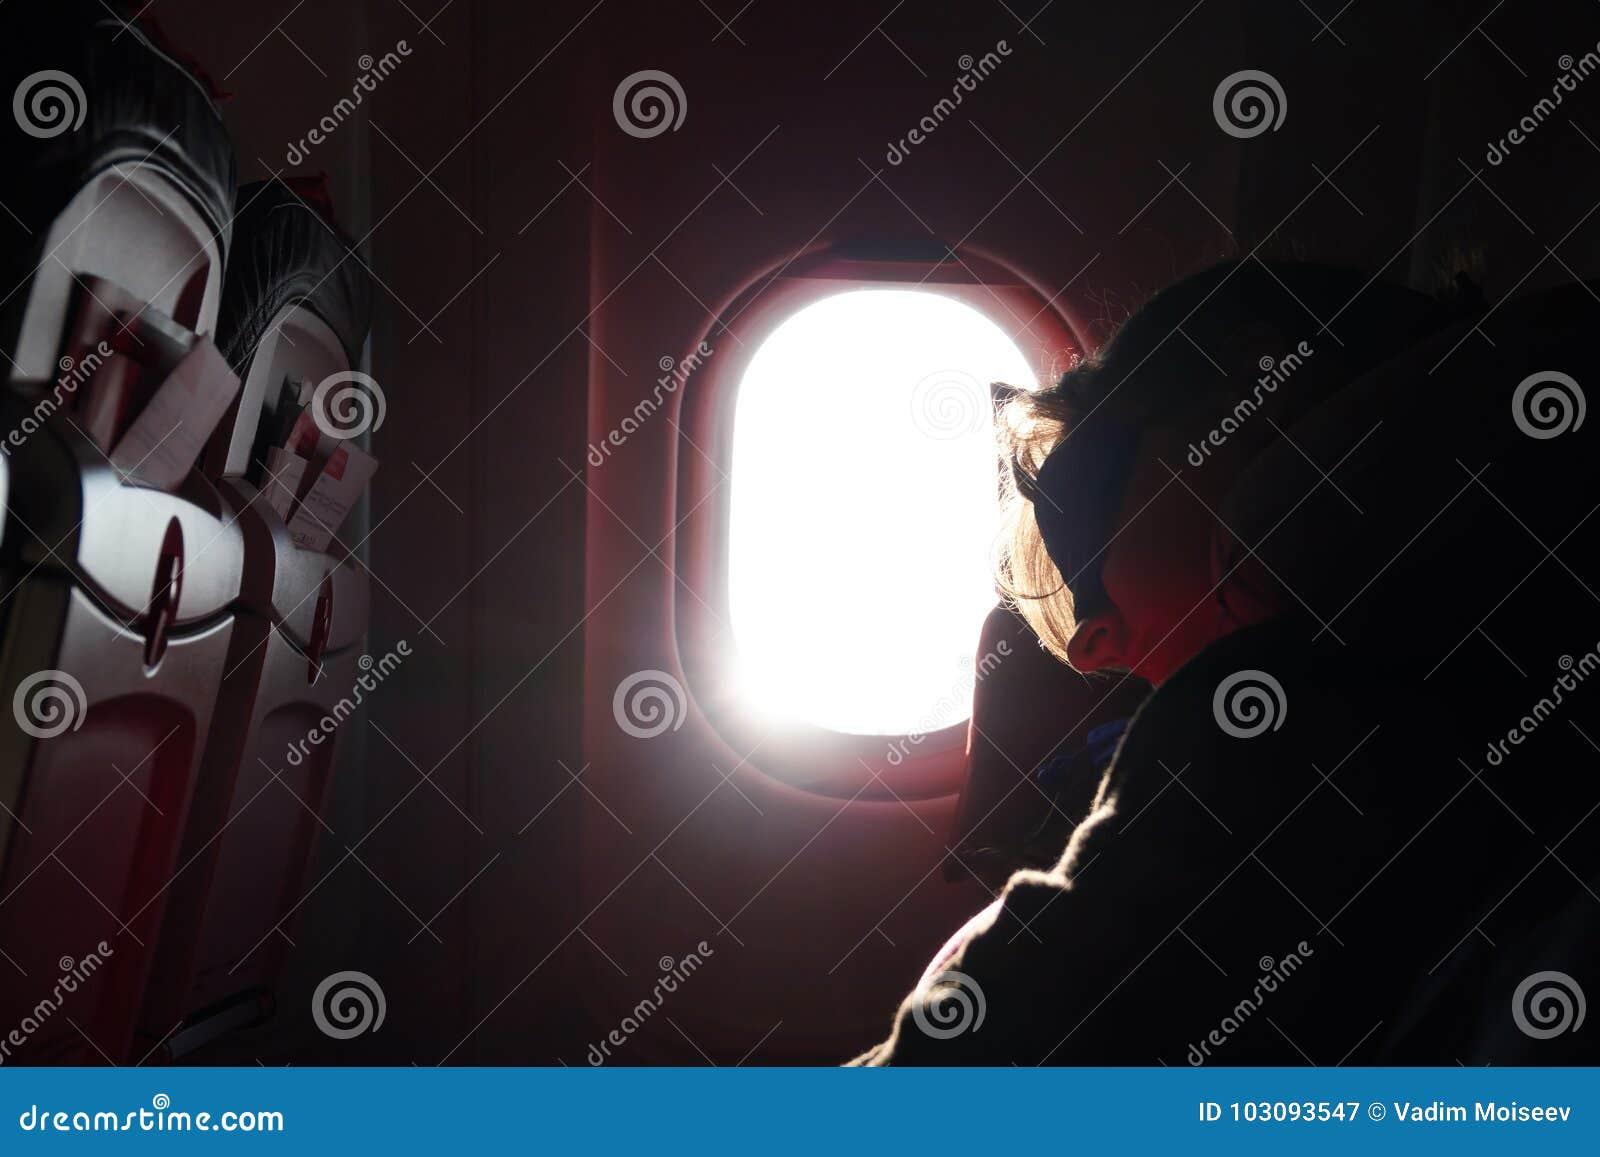 Ein Mädchen schläft in einem Flugzeugstuhl in einer Maske vor der Öffnung während des Fluges Schattenbild gegen einen hellen Sonn